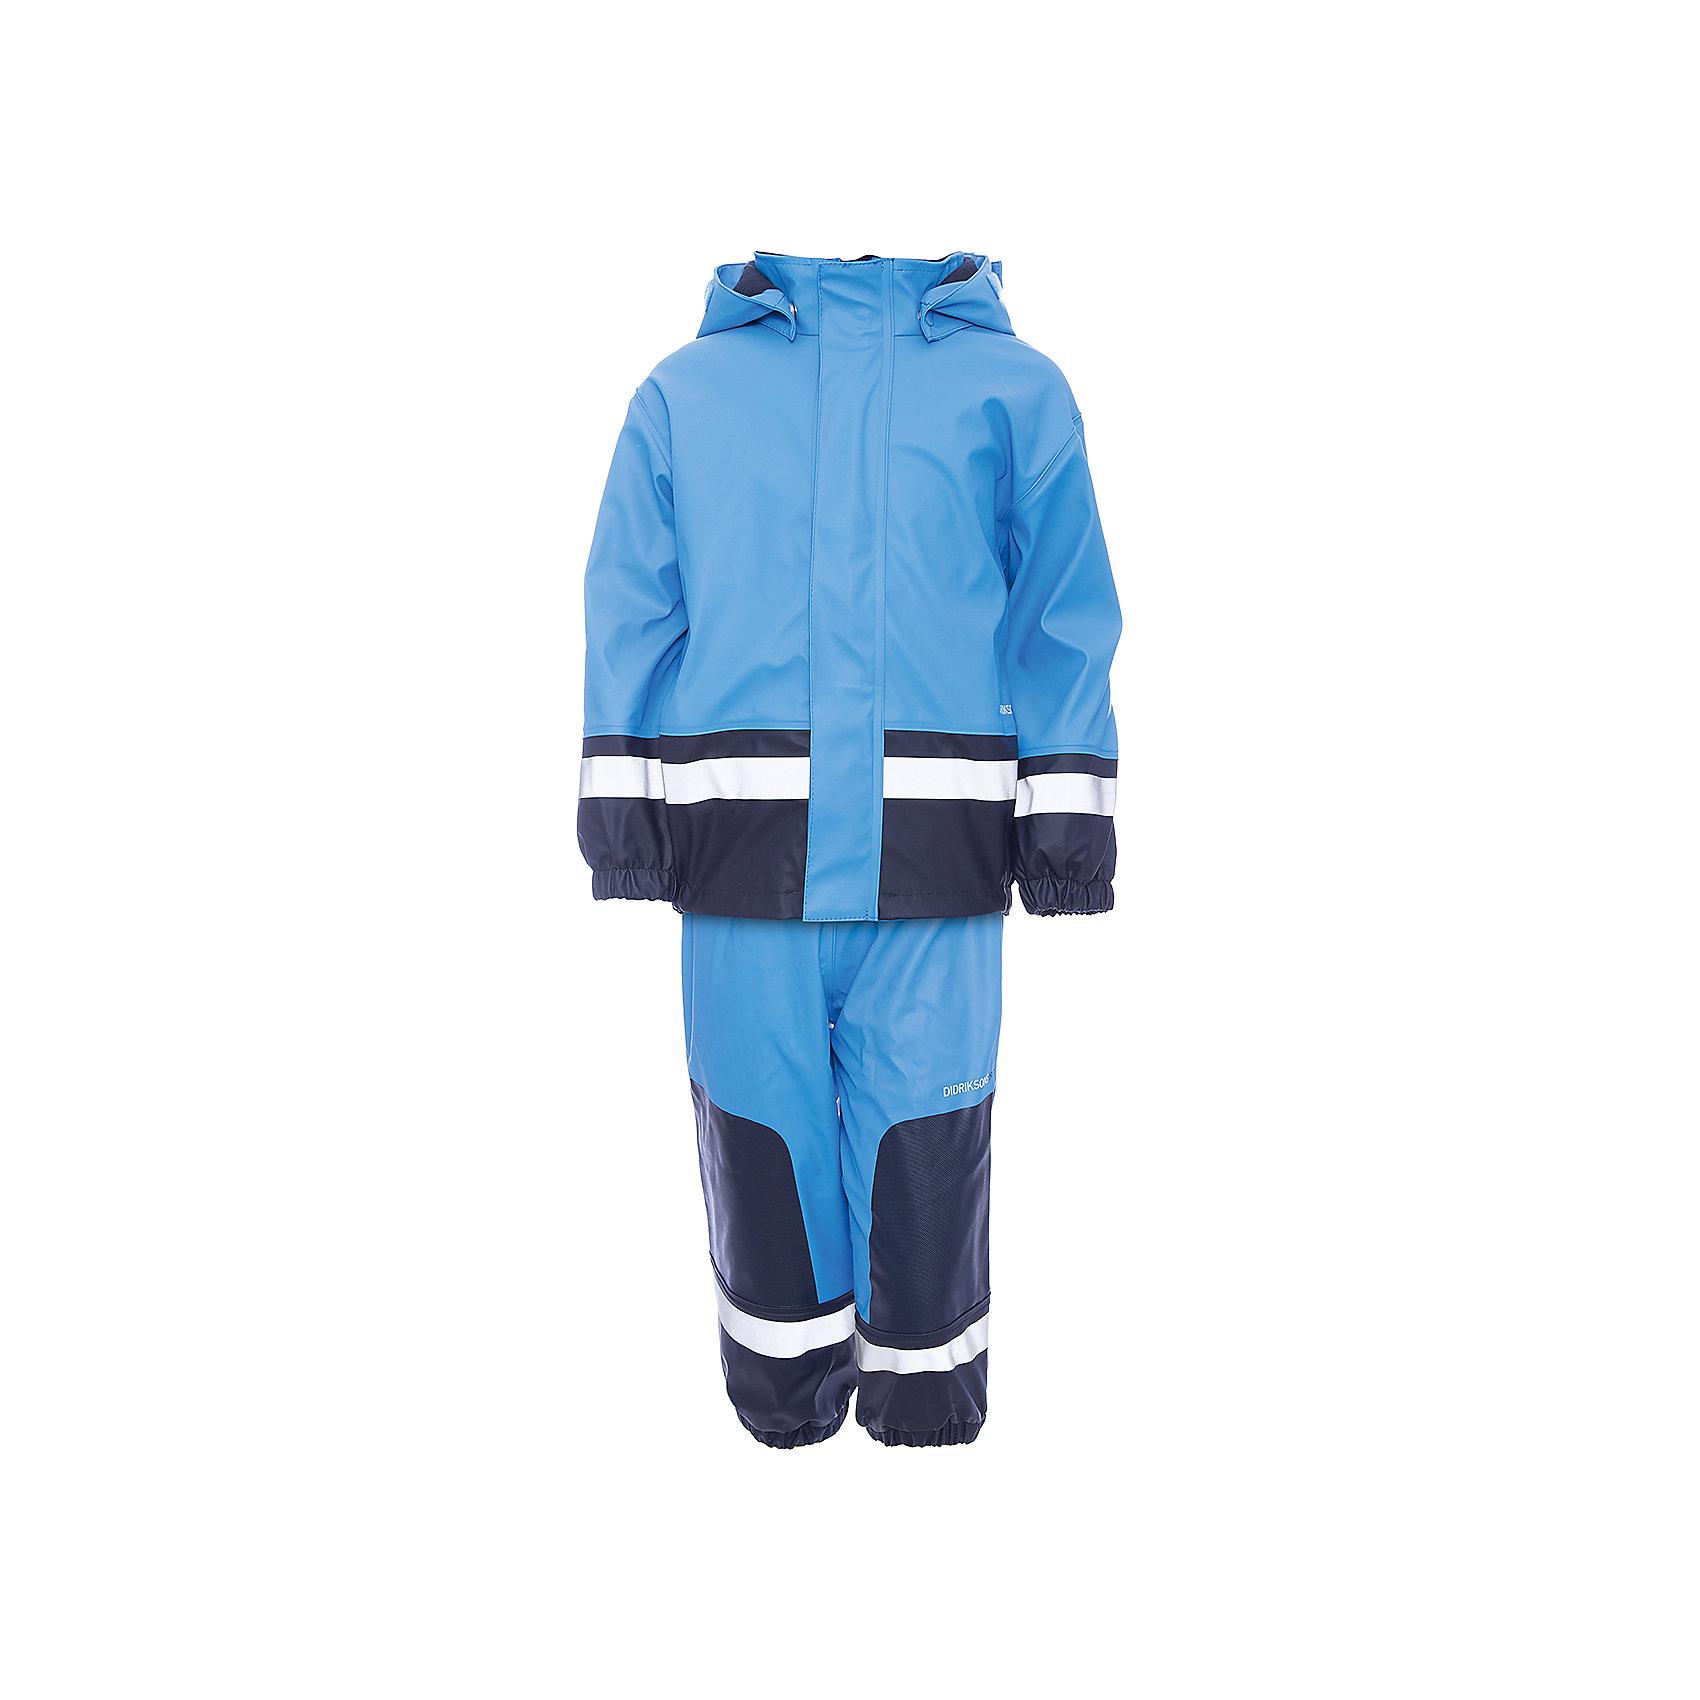 Комплект Boardman: курта и брюки для мальчика DIDRIKSONSХарактеристики товара:<br><br>• цвет: голубой<br>• материал: 100% полиуретан, подкладка - 100% полиэстер<br>• утеплитель: 60 г/м<br>• температура: от 0° до +7 ° С<br>• непромокаемая ткань<br>• подкладка из флиса<br>• проклеенные швы<br>• регулируемый съемный капюшон<br>• регулируемый пояс брюк<br>• фронтальная молния под планкой<br>• светоотражающие детали<br>• зона коленей усилена дополнительным слоем ткани<br>• грязь легко удаляется с помощью влажной губки или ткани<br>• резинки для ботинок<br>• страна бренда: Швеция<br>• страна производства: Китай<br><br>Такой непромокаемый костюм понадобится в холодную и сырую погоду! Он не только стильный, но еще и очень комфортный. Костюм обеспечит ребенку удобство при прогулках и активном отдыхе в межсезонье или оттепель. Такая модель от шведского производителя легко чистится, она оснащена разными полезными деталями.<br>Материал костюма - непромокаемый, швы дополнительно проклеены. Очень стильная и удобная модель! Изделие качественно выполнено, сделано из безопасных для детей материалов. <br><br>Комплект: куртку и брюки для мальчика от бренда DIDRIKSONS можно купить в нашем интернет-магазине.<br><br>Ширина мм: 356<br>Глубина мм: 10<br>Высота мм: 245<br>Вес г: 519<br>Цвет: голубой<br>Возраст от месяцев: 36<br>Возраст до месяцев: 48<br>Пол: Мужской<br>Возраст: Детский<br>Размер: 100,90<br>SKU: 5003845